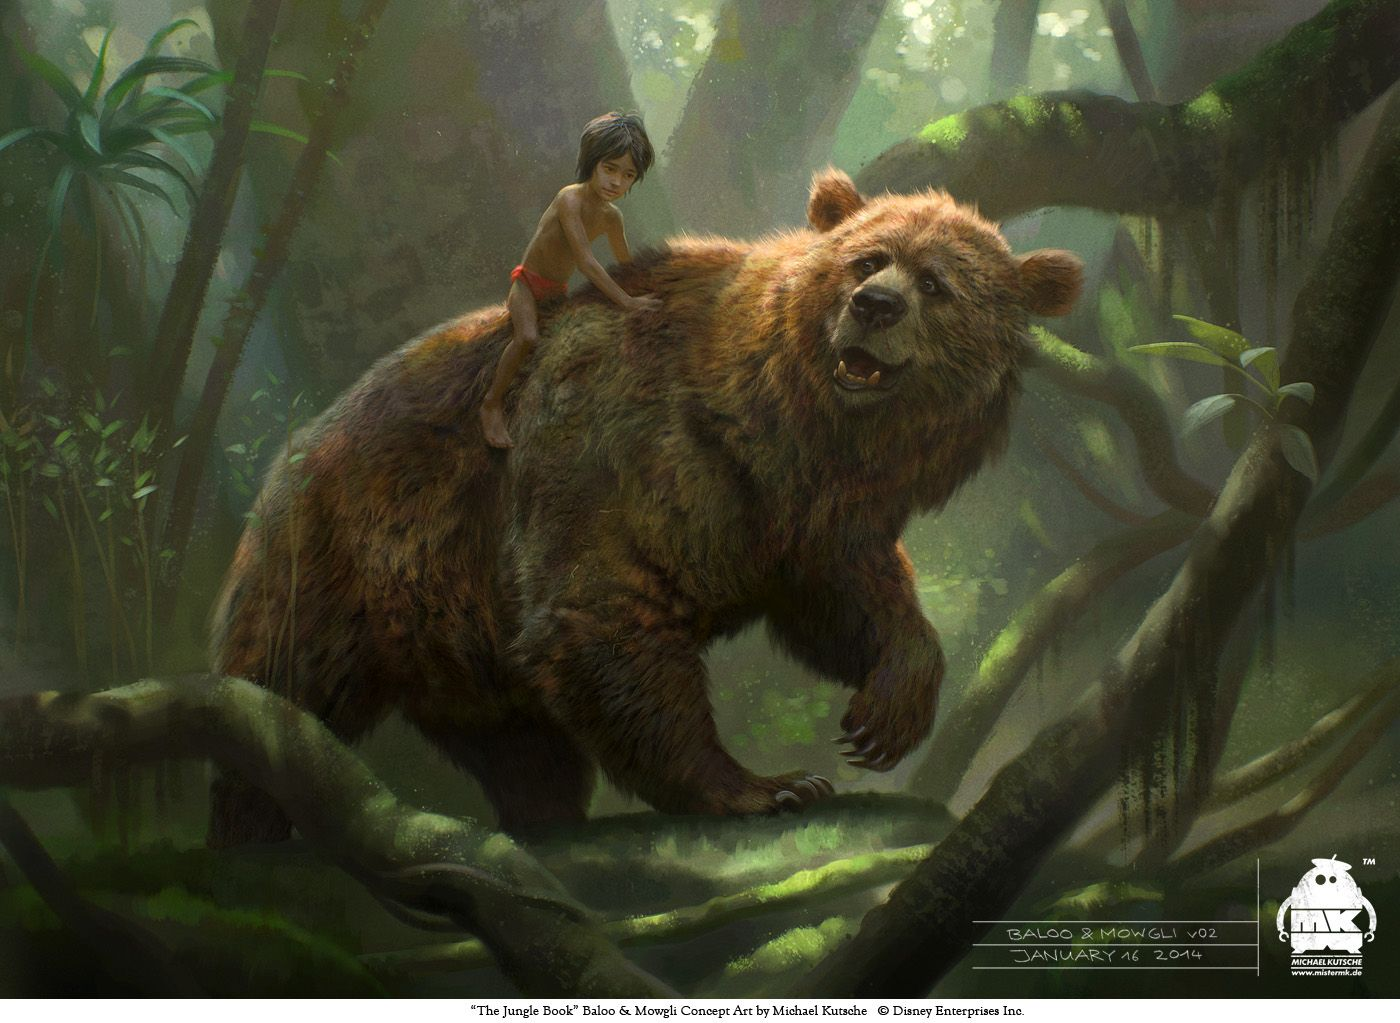 The Jungle Book Baloo And Mowgli Concept By Michaelkutsche On Deviantart Jungle Book Character Design Concept Art World